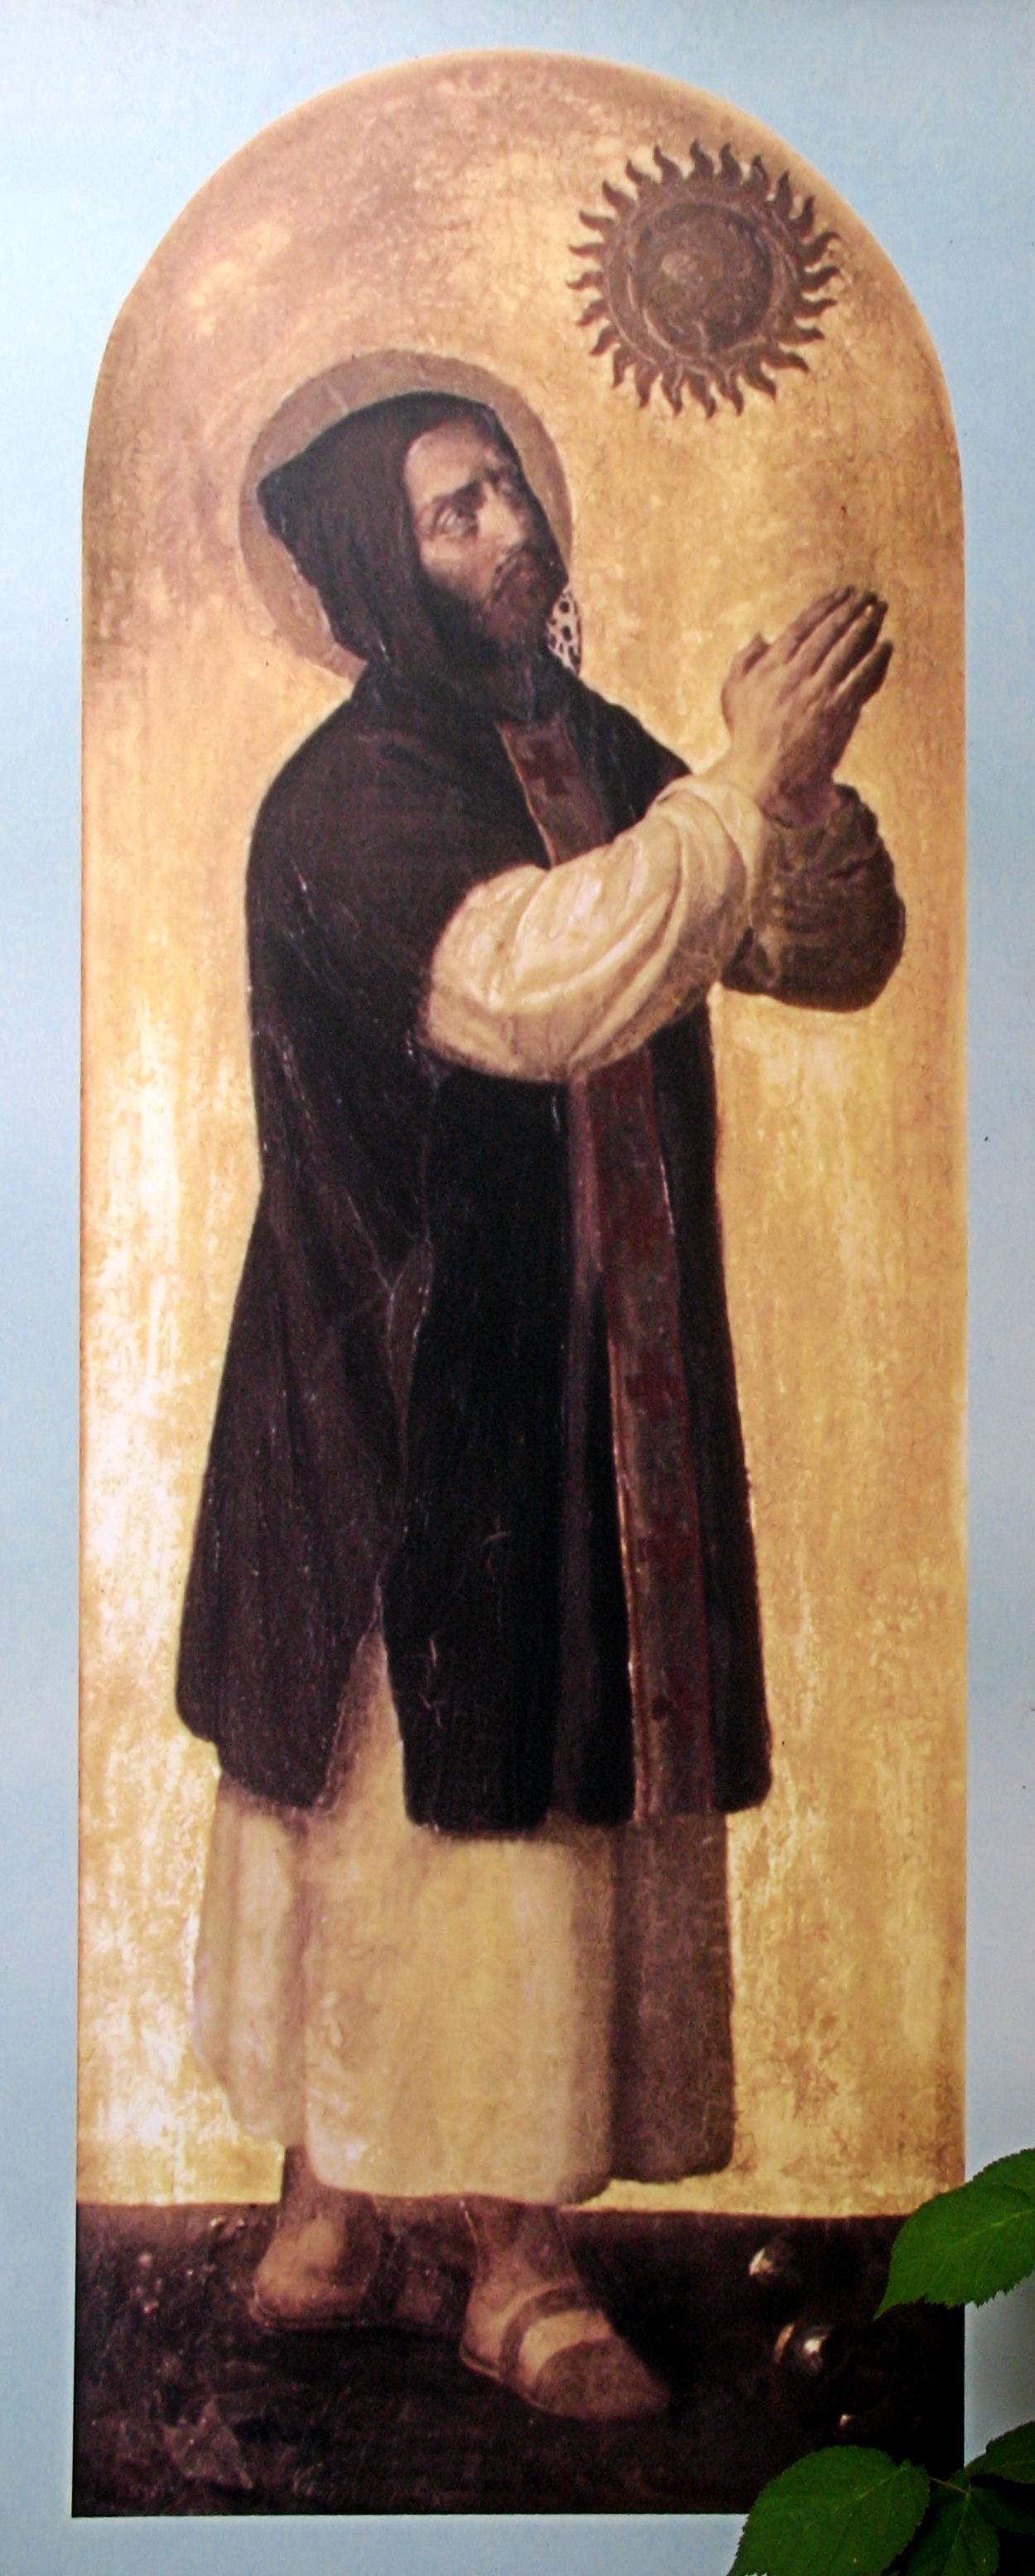 Saint Benedict.